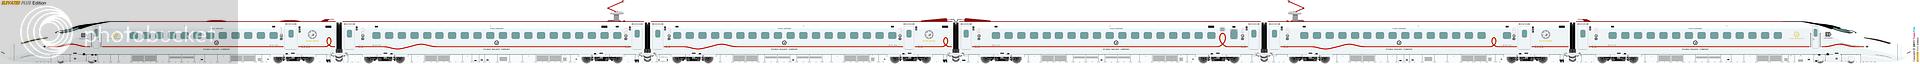 鐵路列車 2280